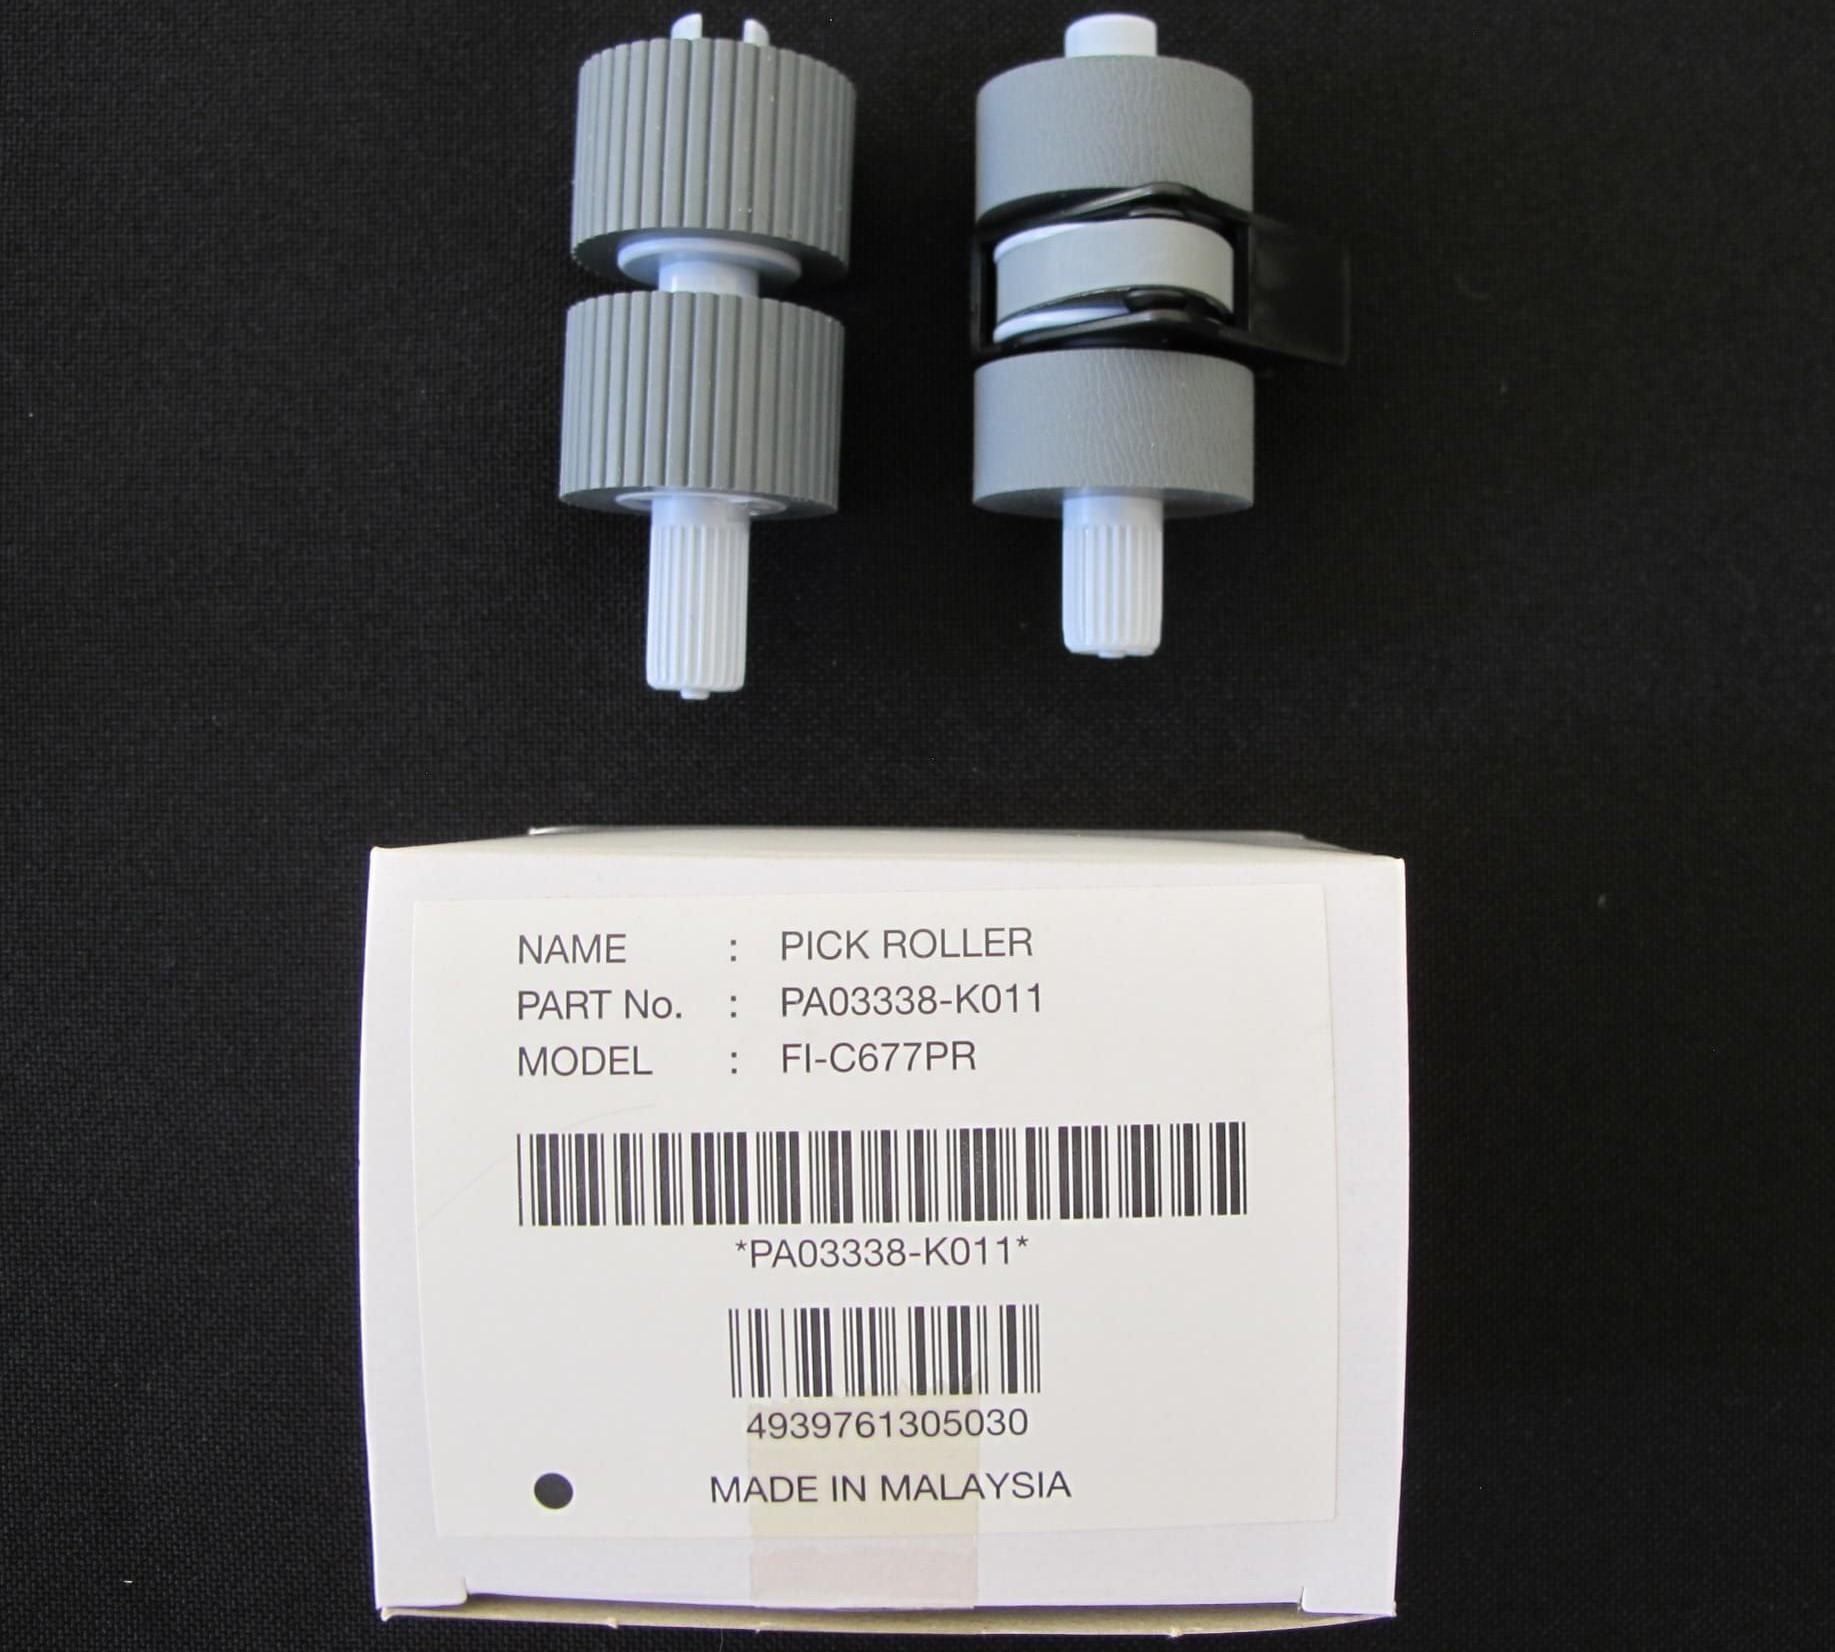 kit manutenção scanner Fujitsu fi-6670 e fi6770 pick roller PN: PA03576-K010